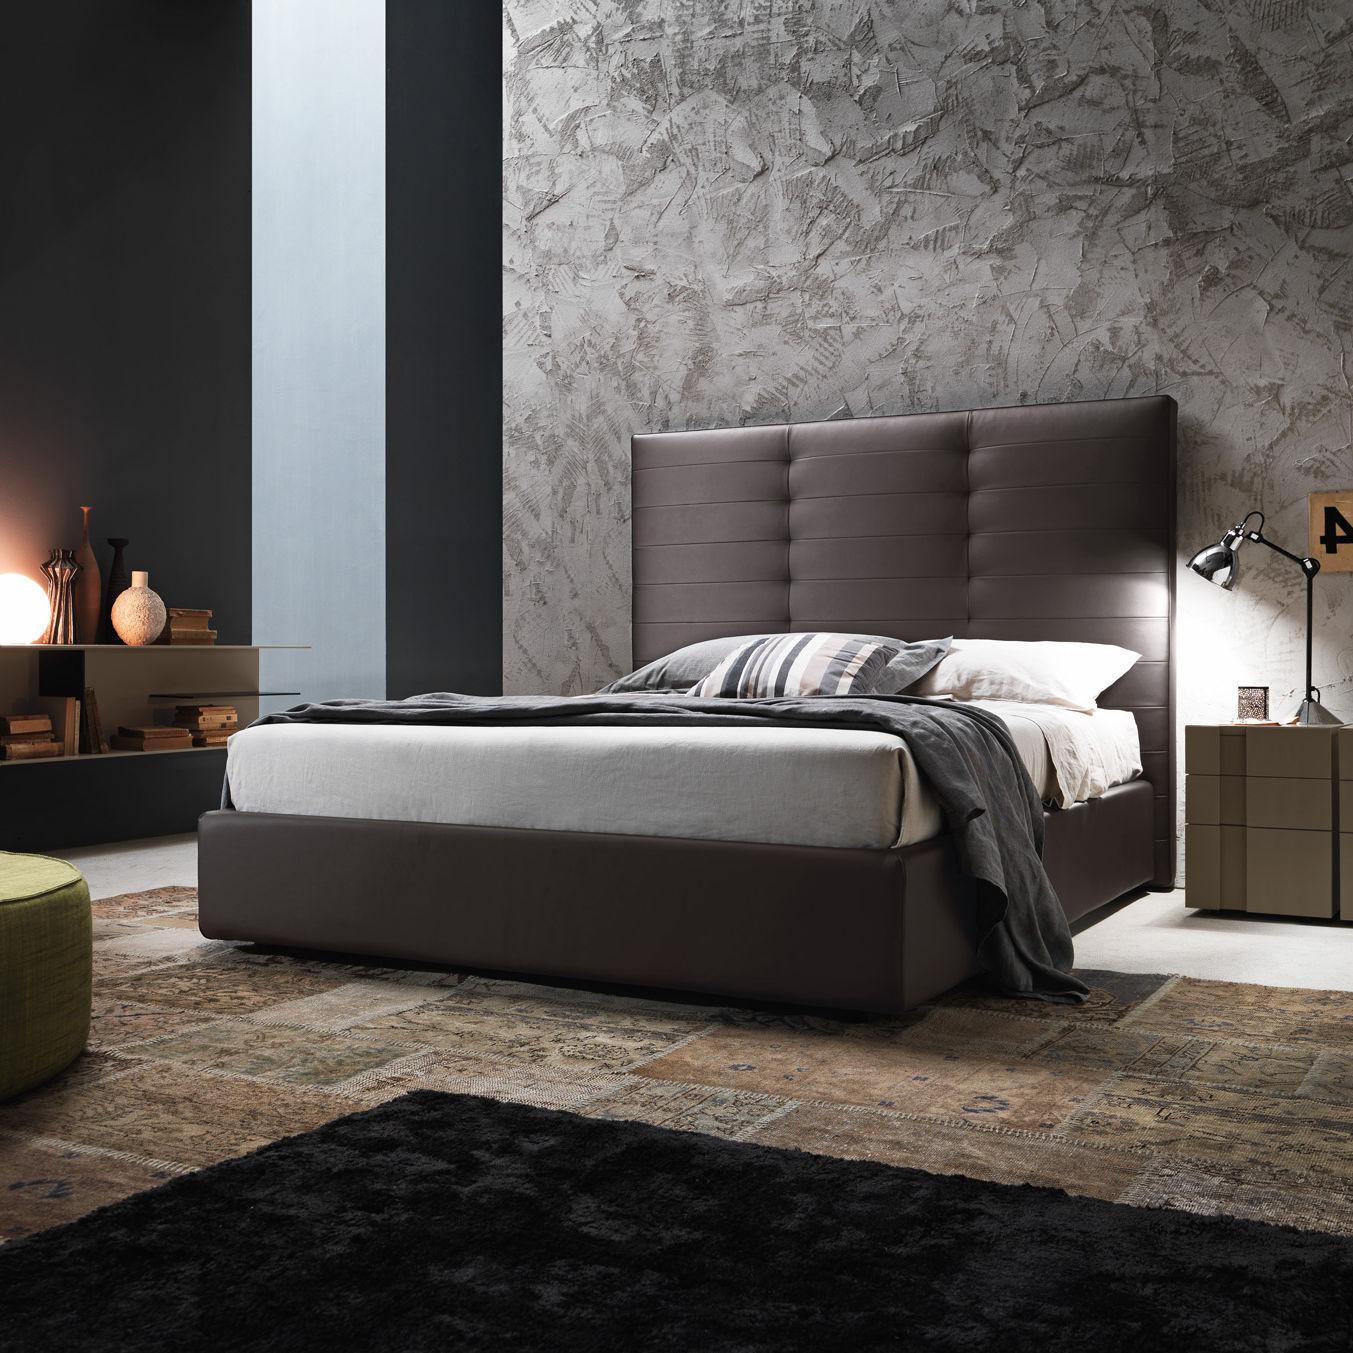 standardbett / doppelt / modern / stoff - wing system_tall - presotto - Moderne Doppelbett Ideen 36 Designer Betten Markanten Namen